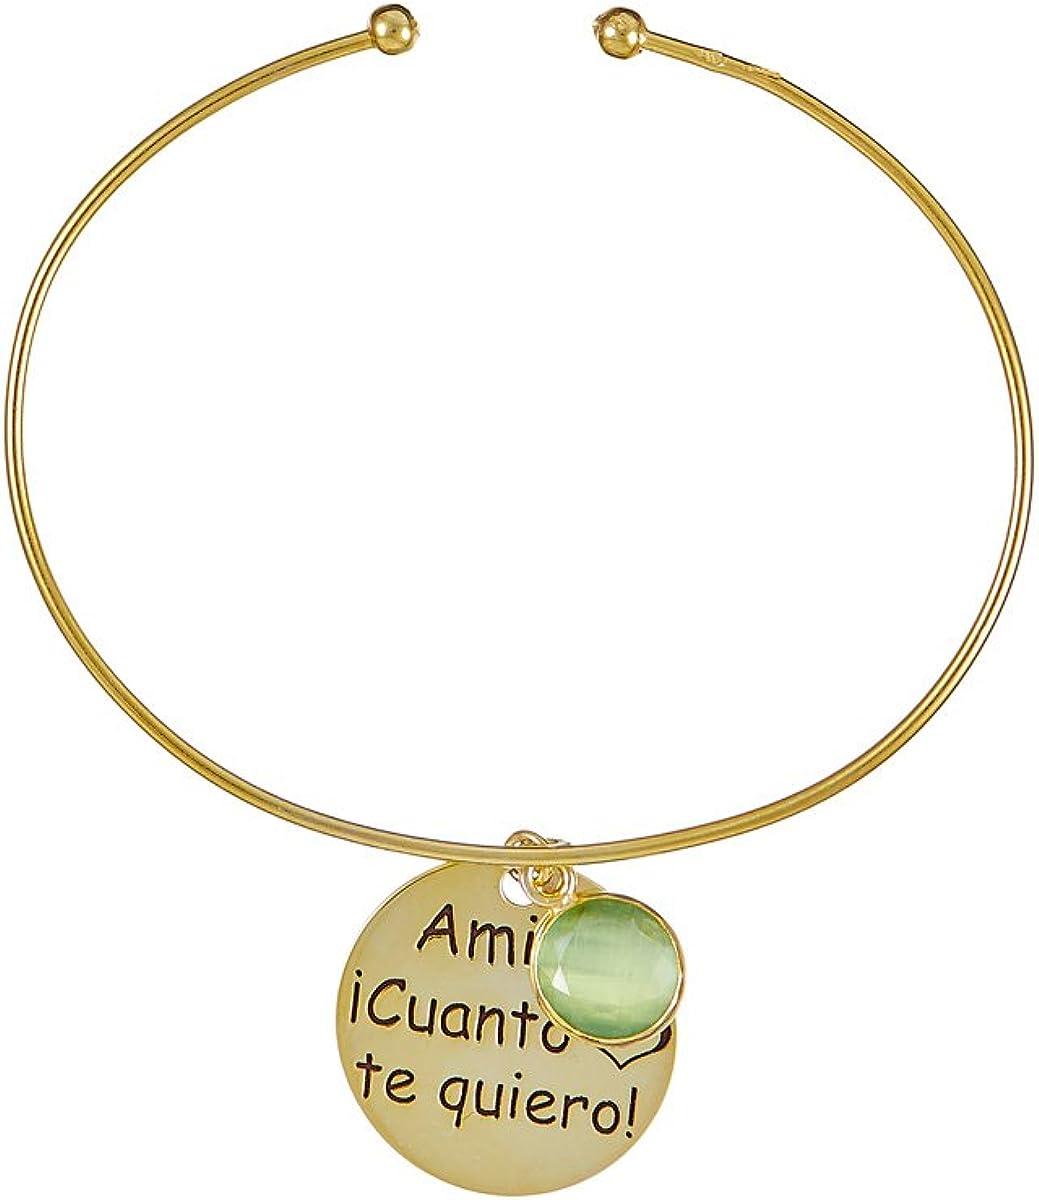 Córdoba Jewels | Pulsera en Plata de Ley 925 bañada en Oro con diseño Amiga ¡Cuanto Te Quiero!